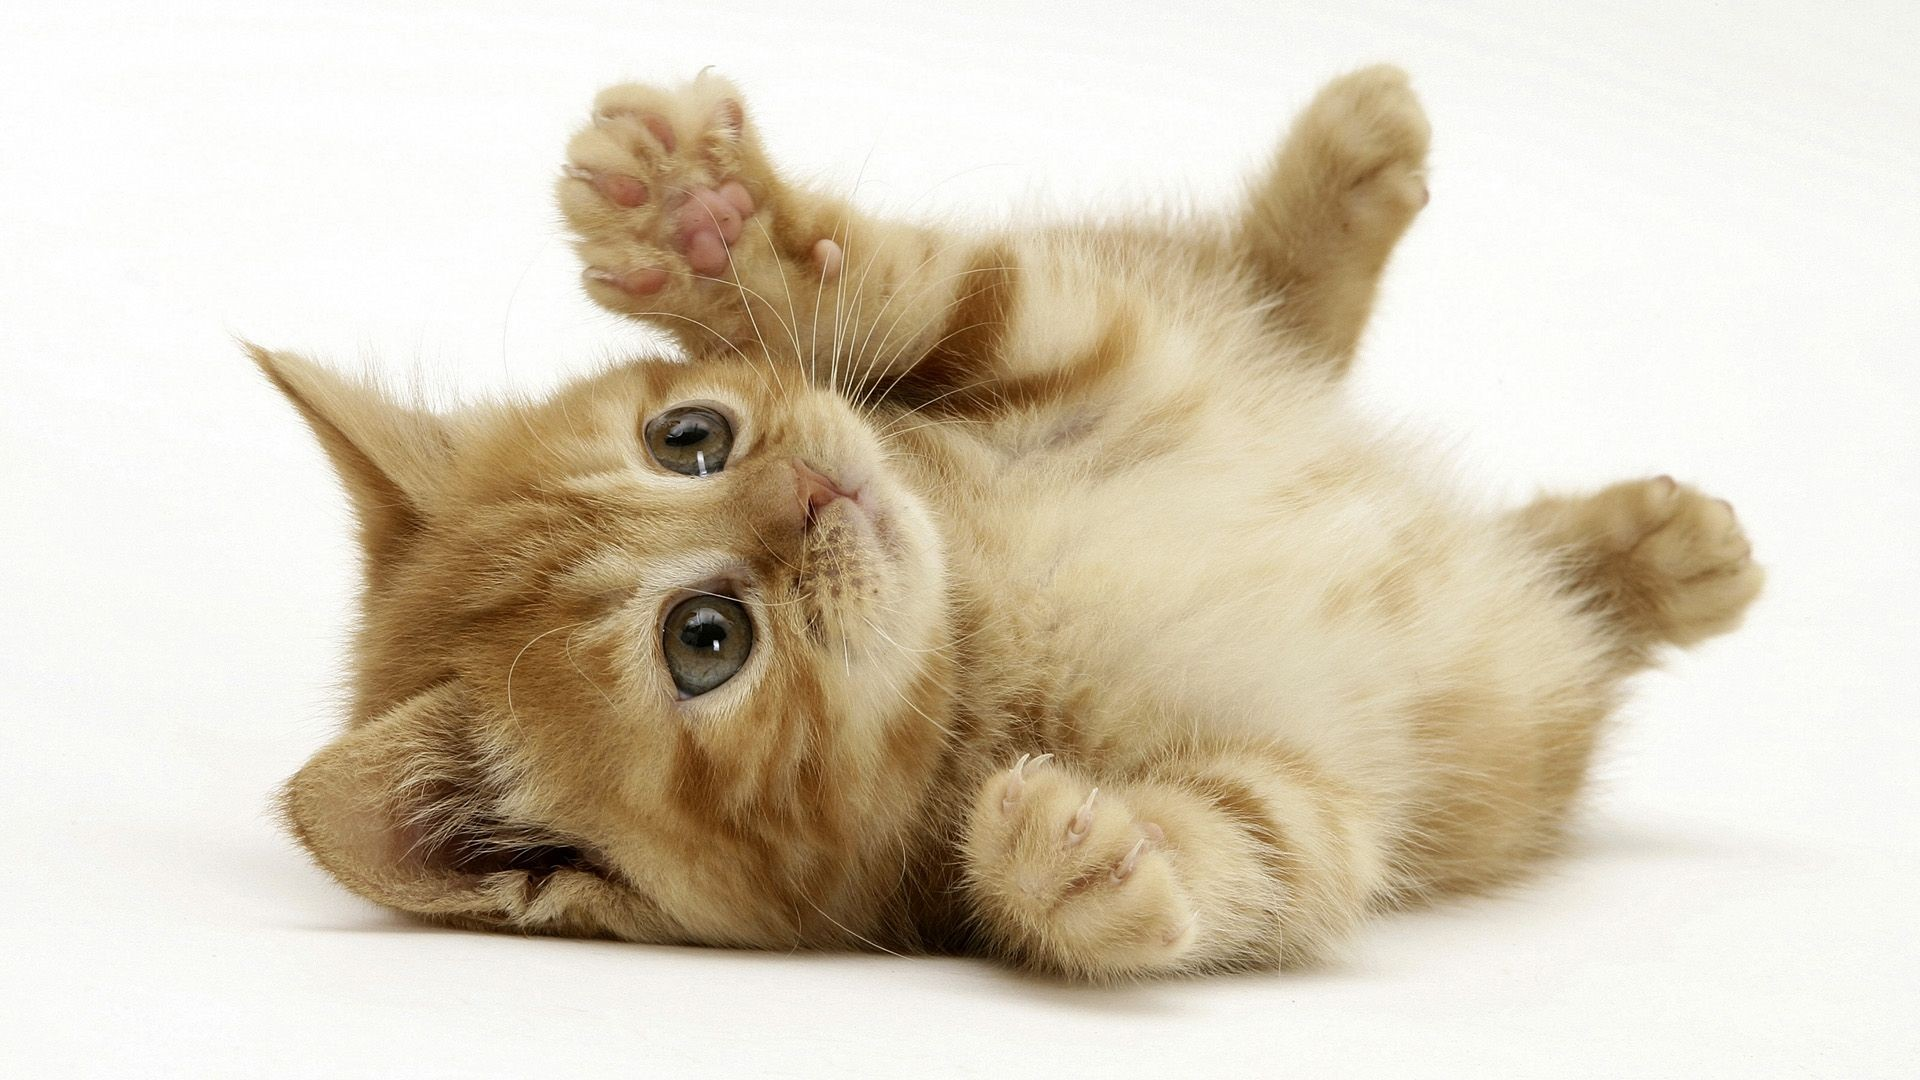 http://4.bp.blogspot.com/-Q8gBxP-bIWE/UIUQxrlWtVI/AAAAAAAAHqI/XB_lHiygXt4/s4000/cats_animals_little_kittens_kitten_kitty_cat_adorable_desktop_1920x1080_hd-wallpaper-782249.jpeg